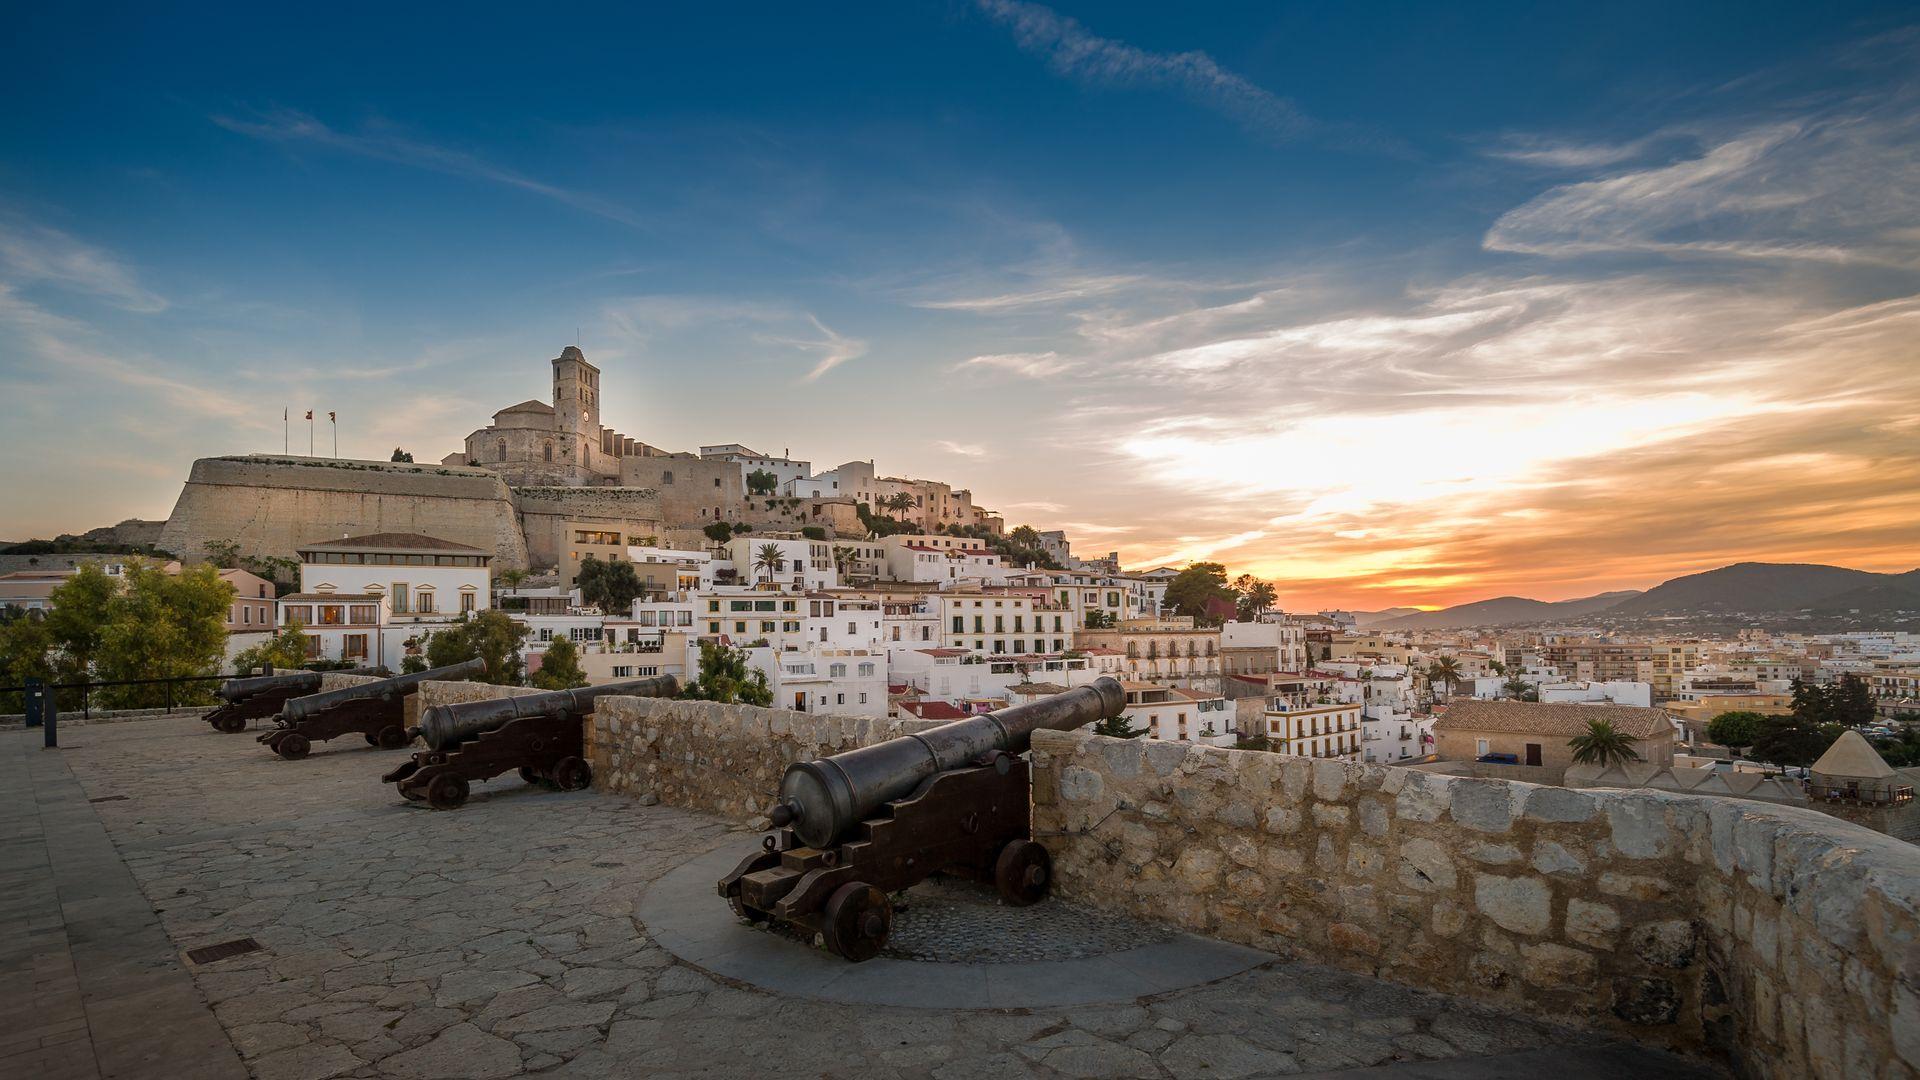 Yacimiento arqueológico Dalt Vila en Ibiza